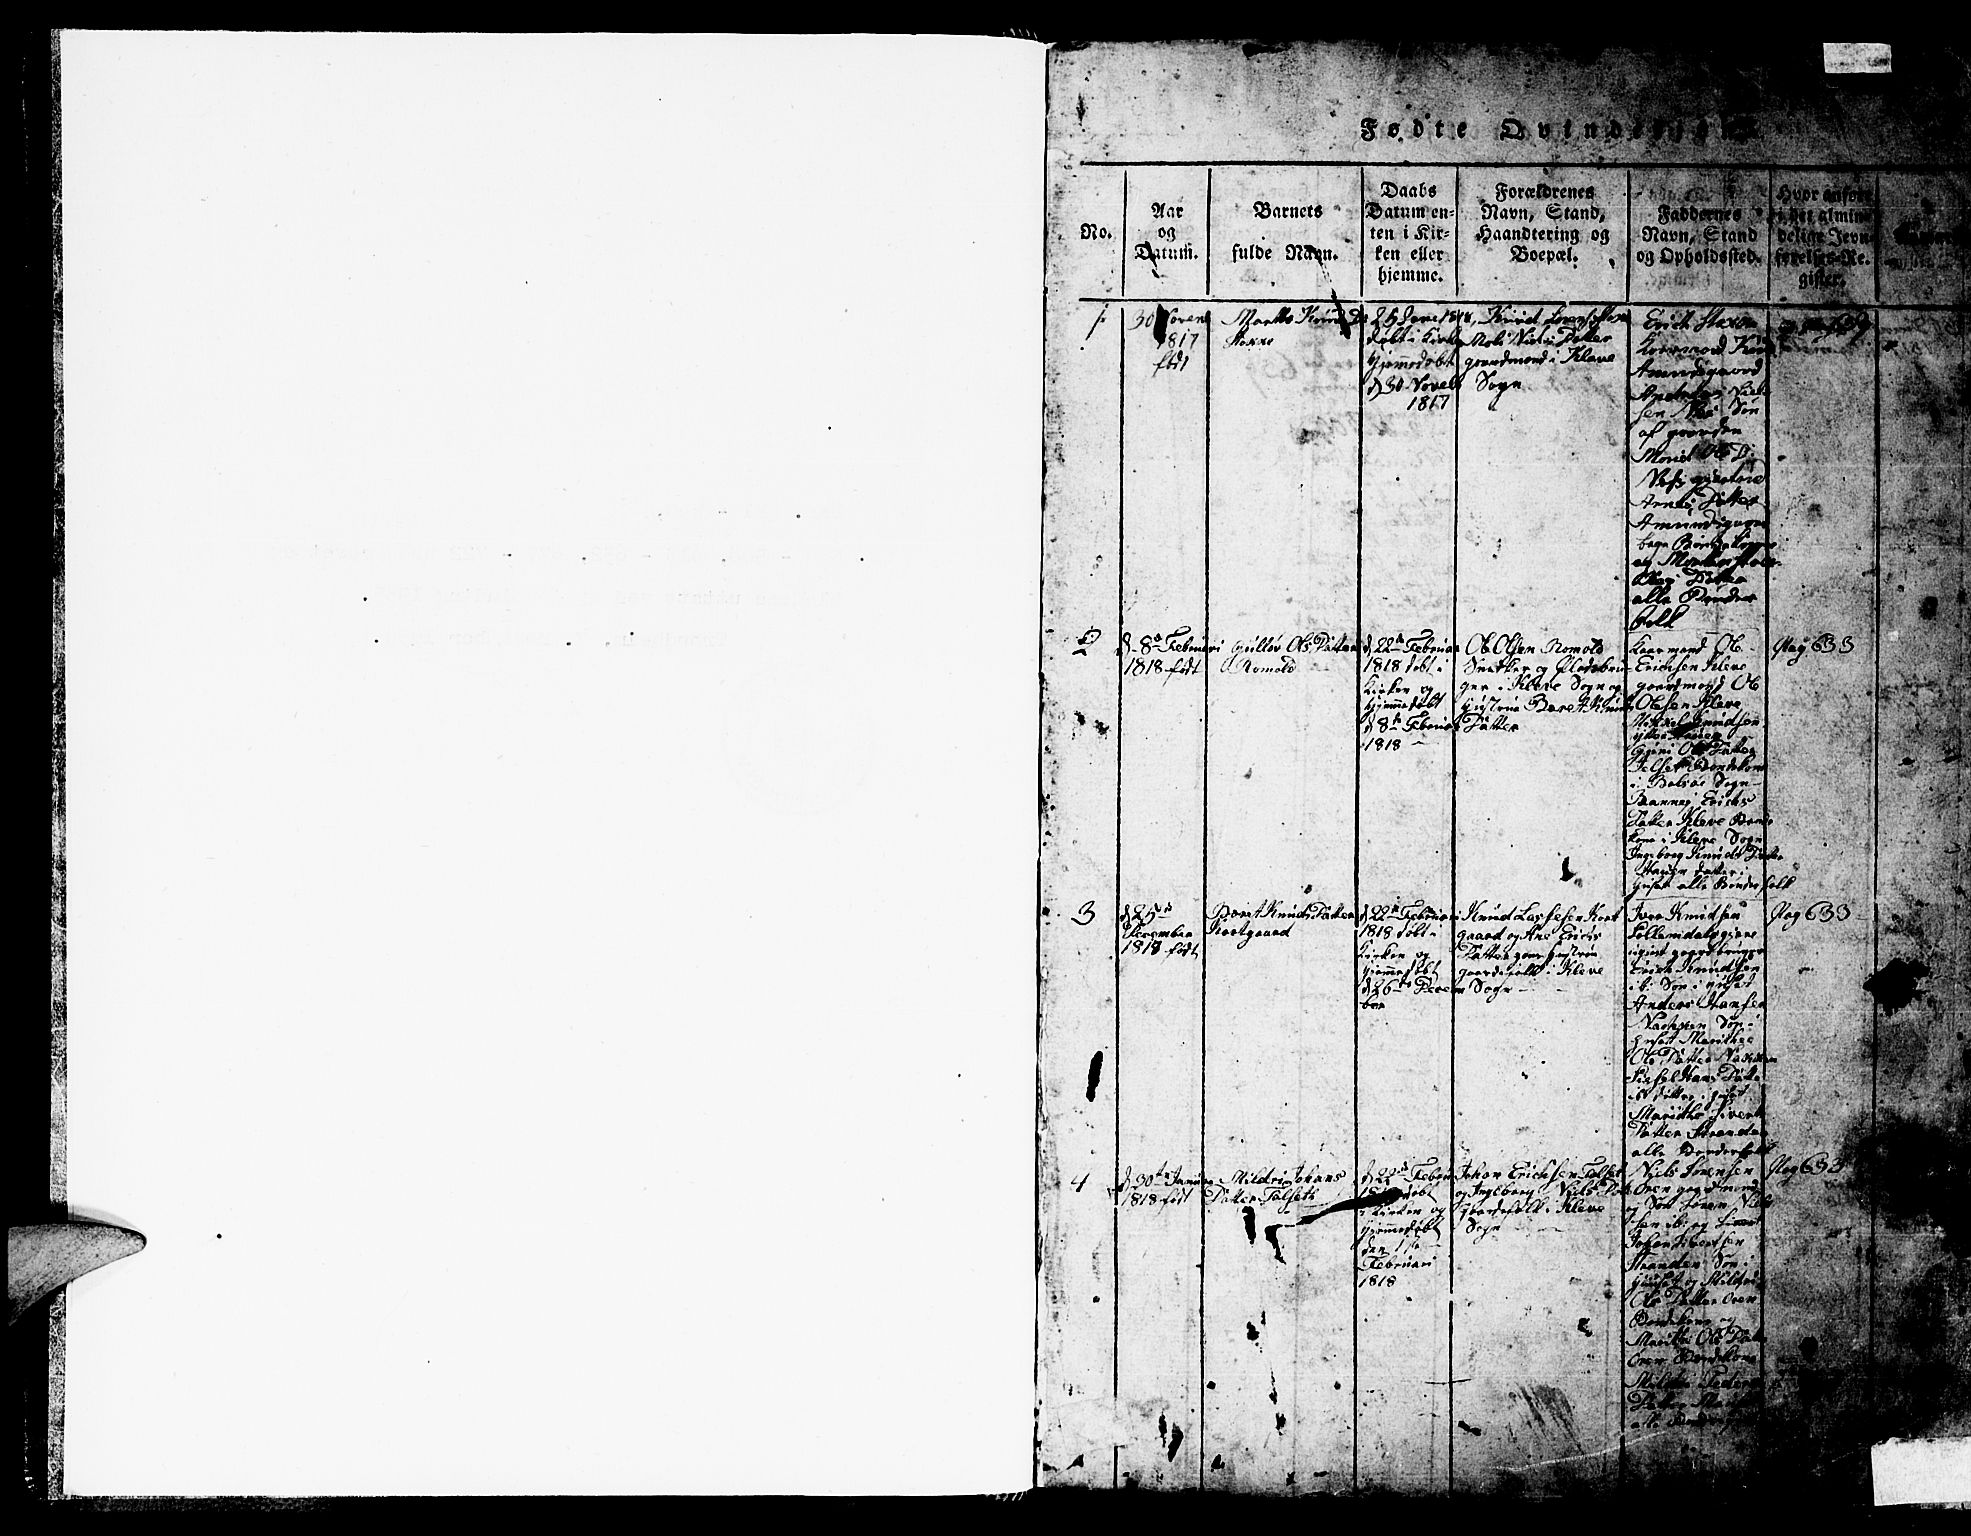 SAT, Ministerialprotokoller, klokkerbøker og fødselsregistre - Møre og Romsdal, 557/L0683: Klokkerbok nr. 557C01, 1818-1862, s. 0-1